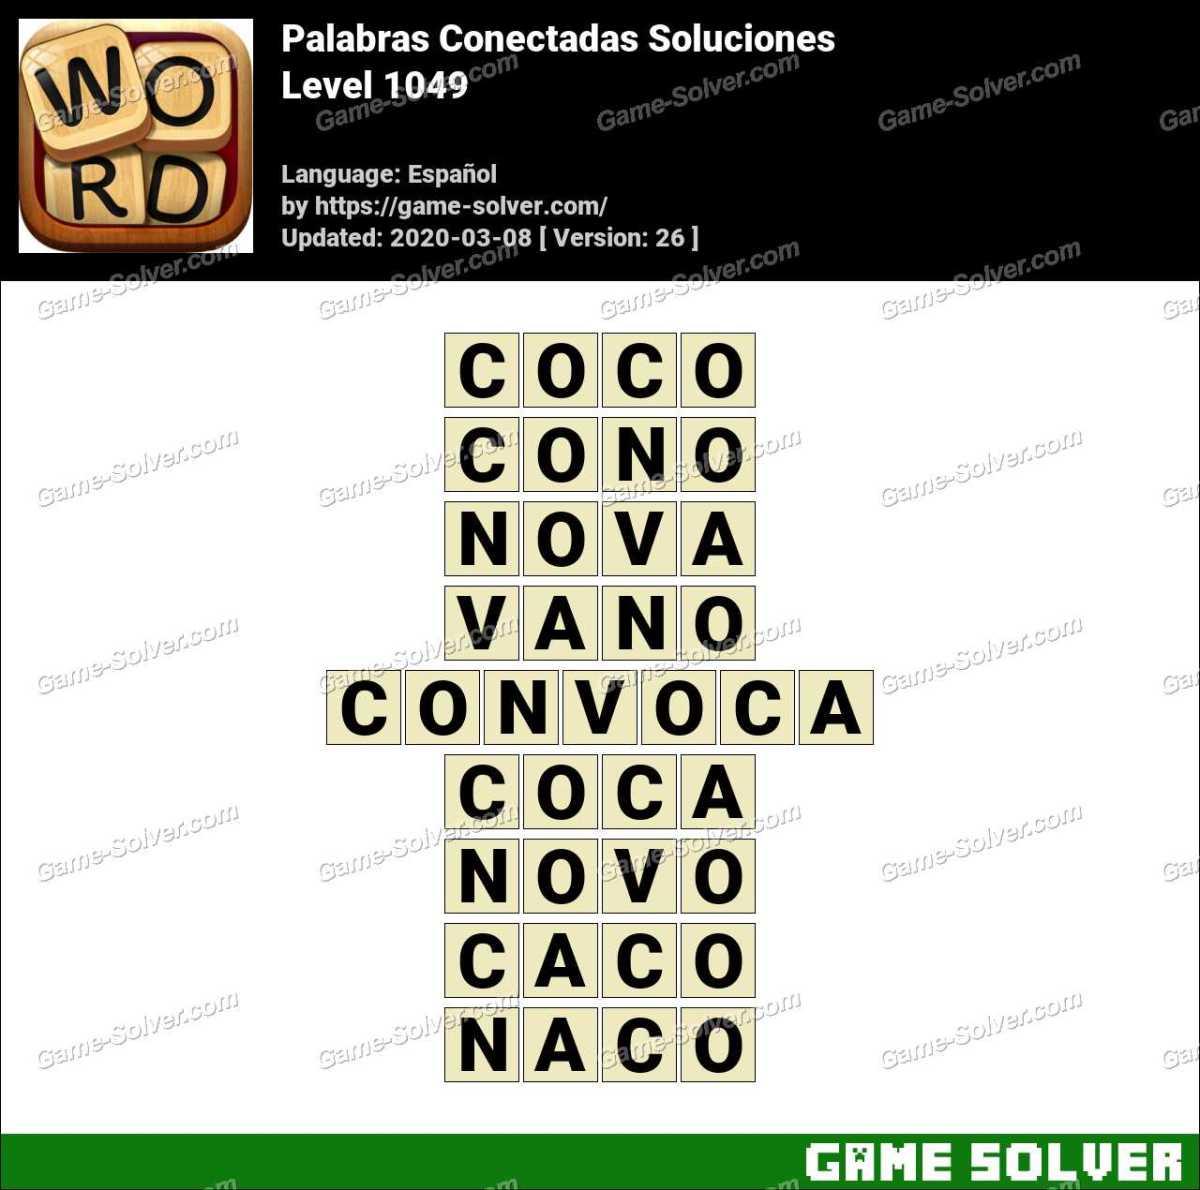 Palabras Conectadas Nivel 1049 Soluciones